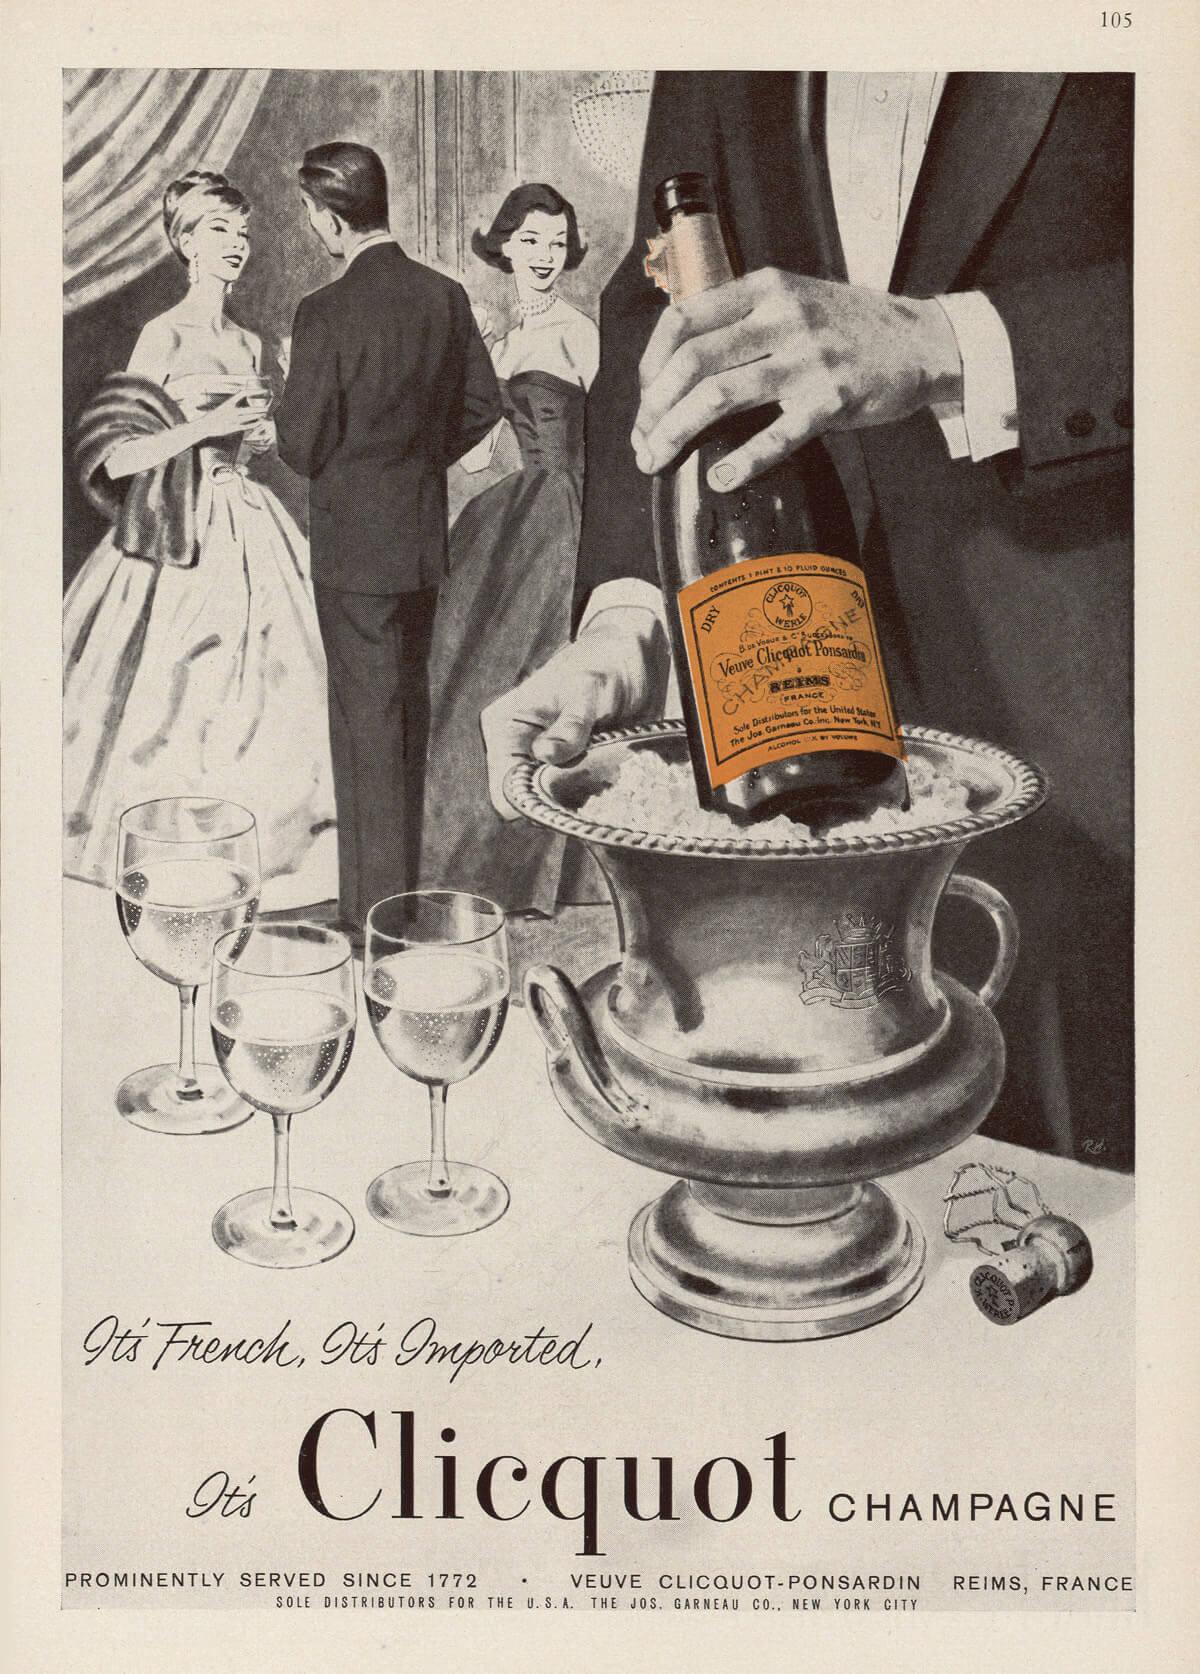 1950s-champagne-wine-ad-veuve-clicquot